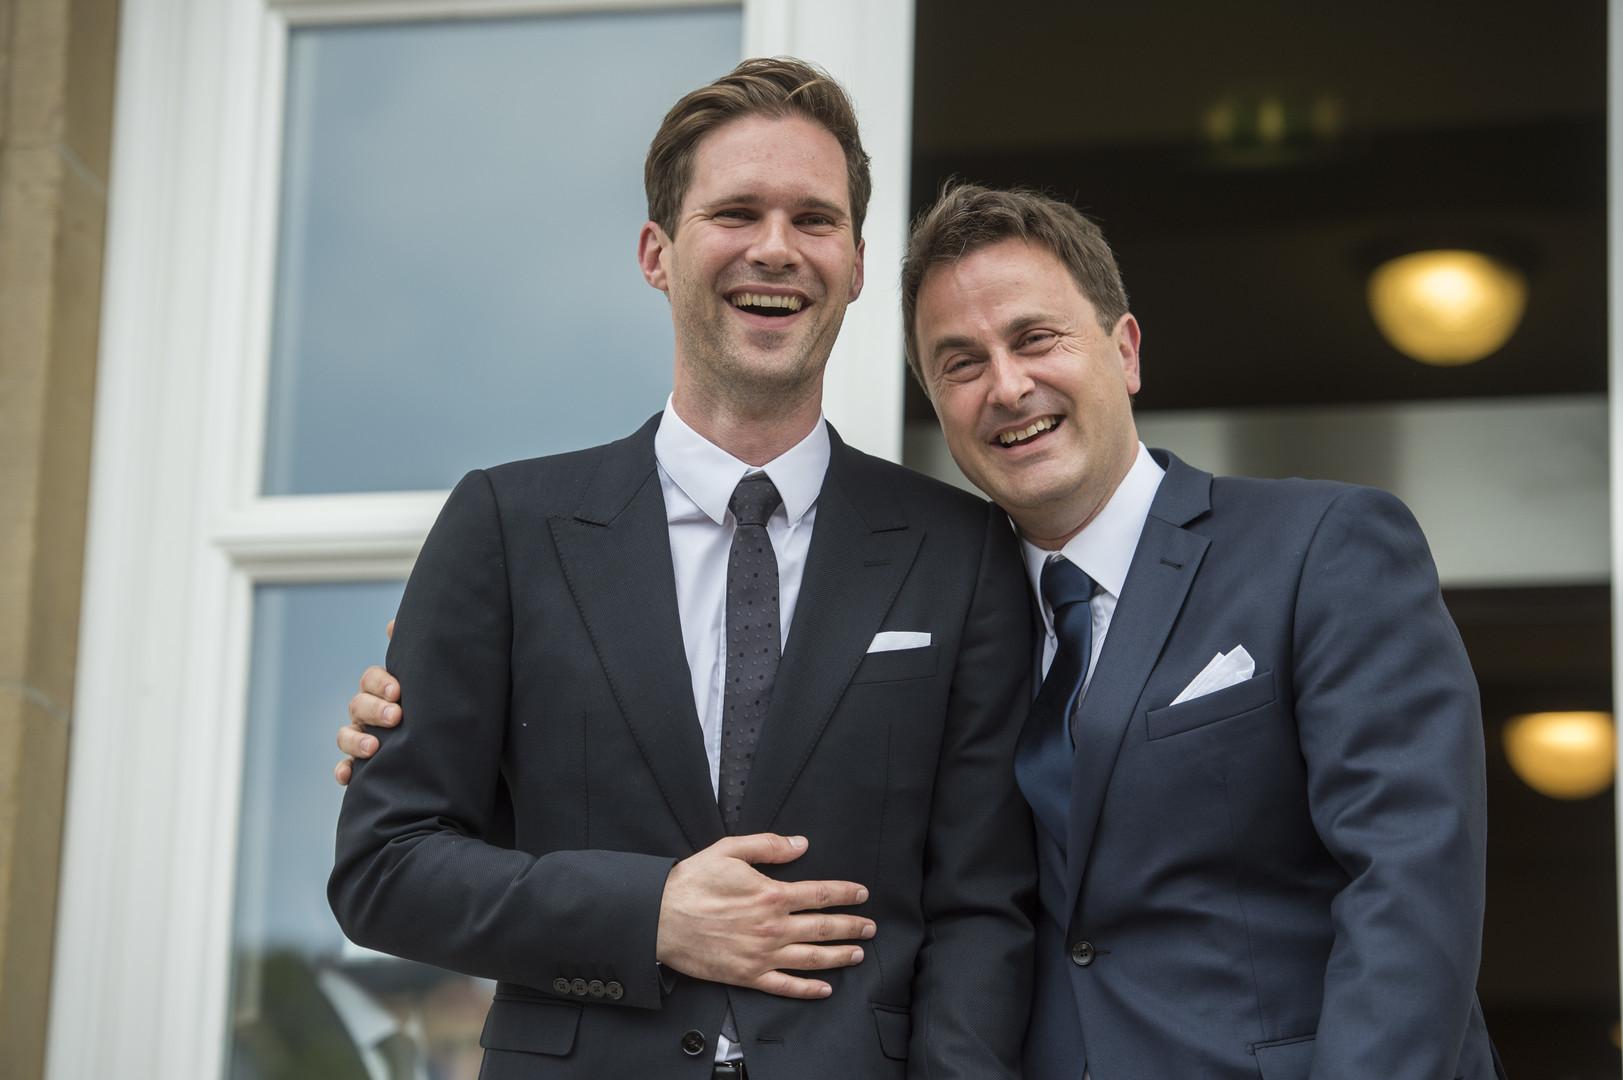 Erster First Gentleman bei NATO-Feier – Premier von Luxemburg kommt mit seinem Mann (FOTOS)